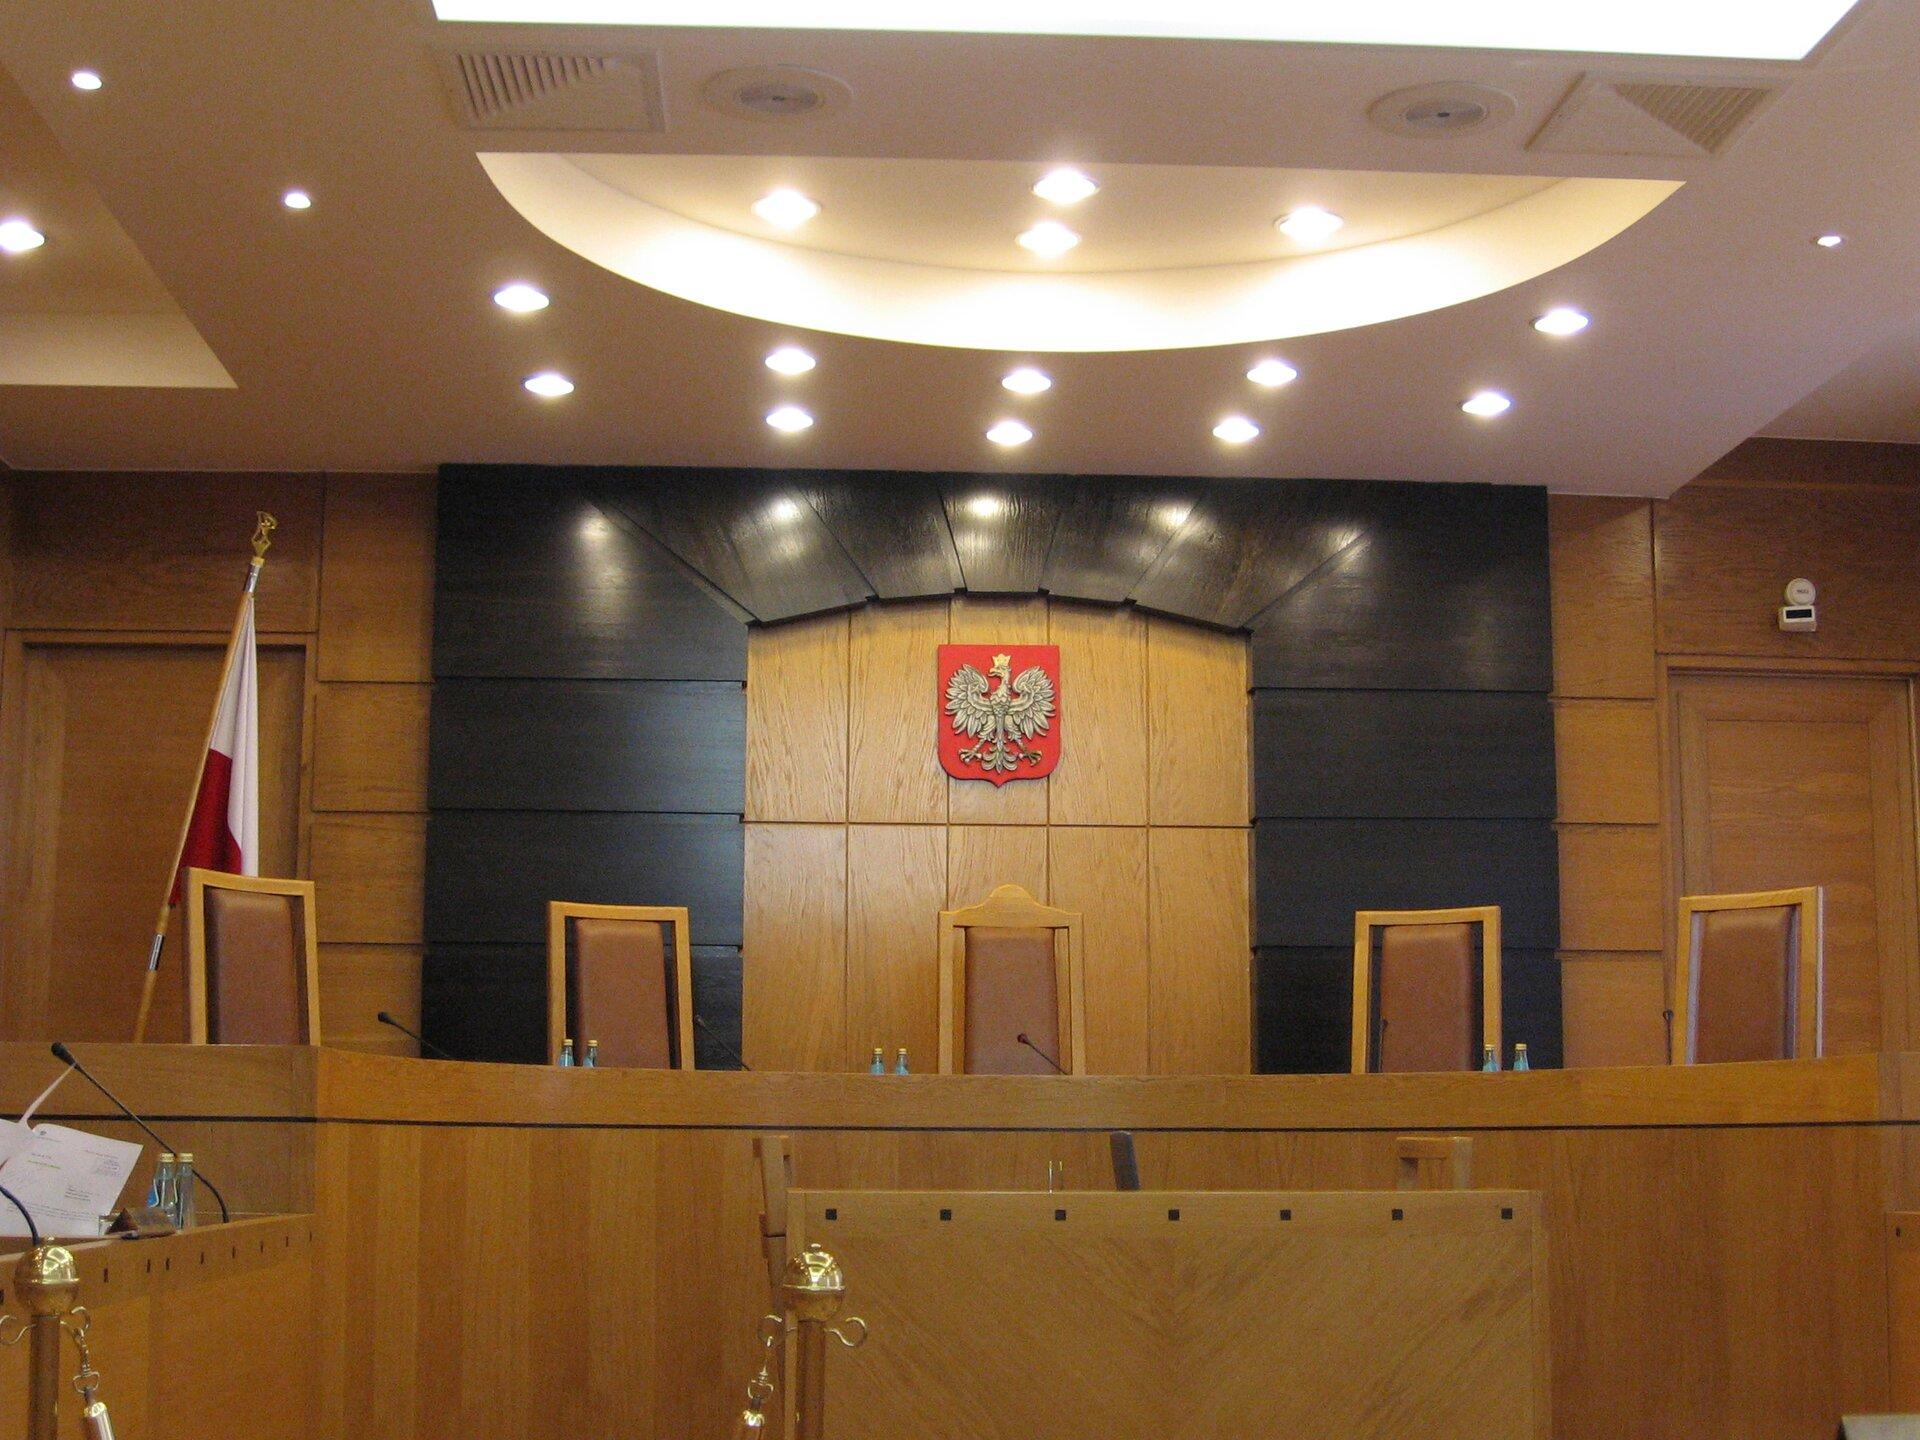 Sala Trybunału Konstytucyjnego Źródło: Joanna Karnat, Sala Trybunału Konstytucyjnego, licencja: CC BY 3.0.